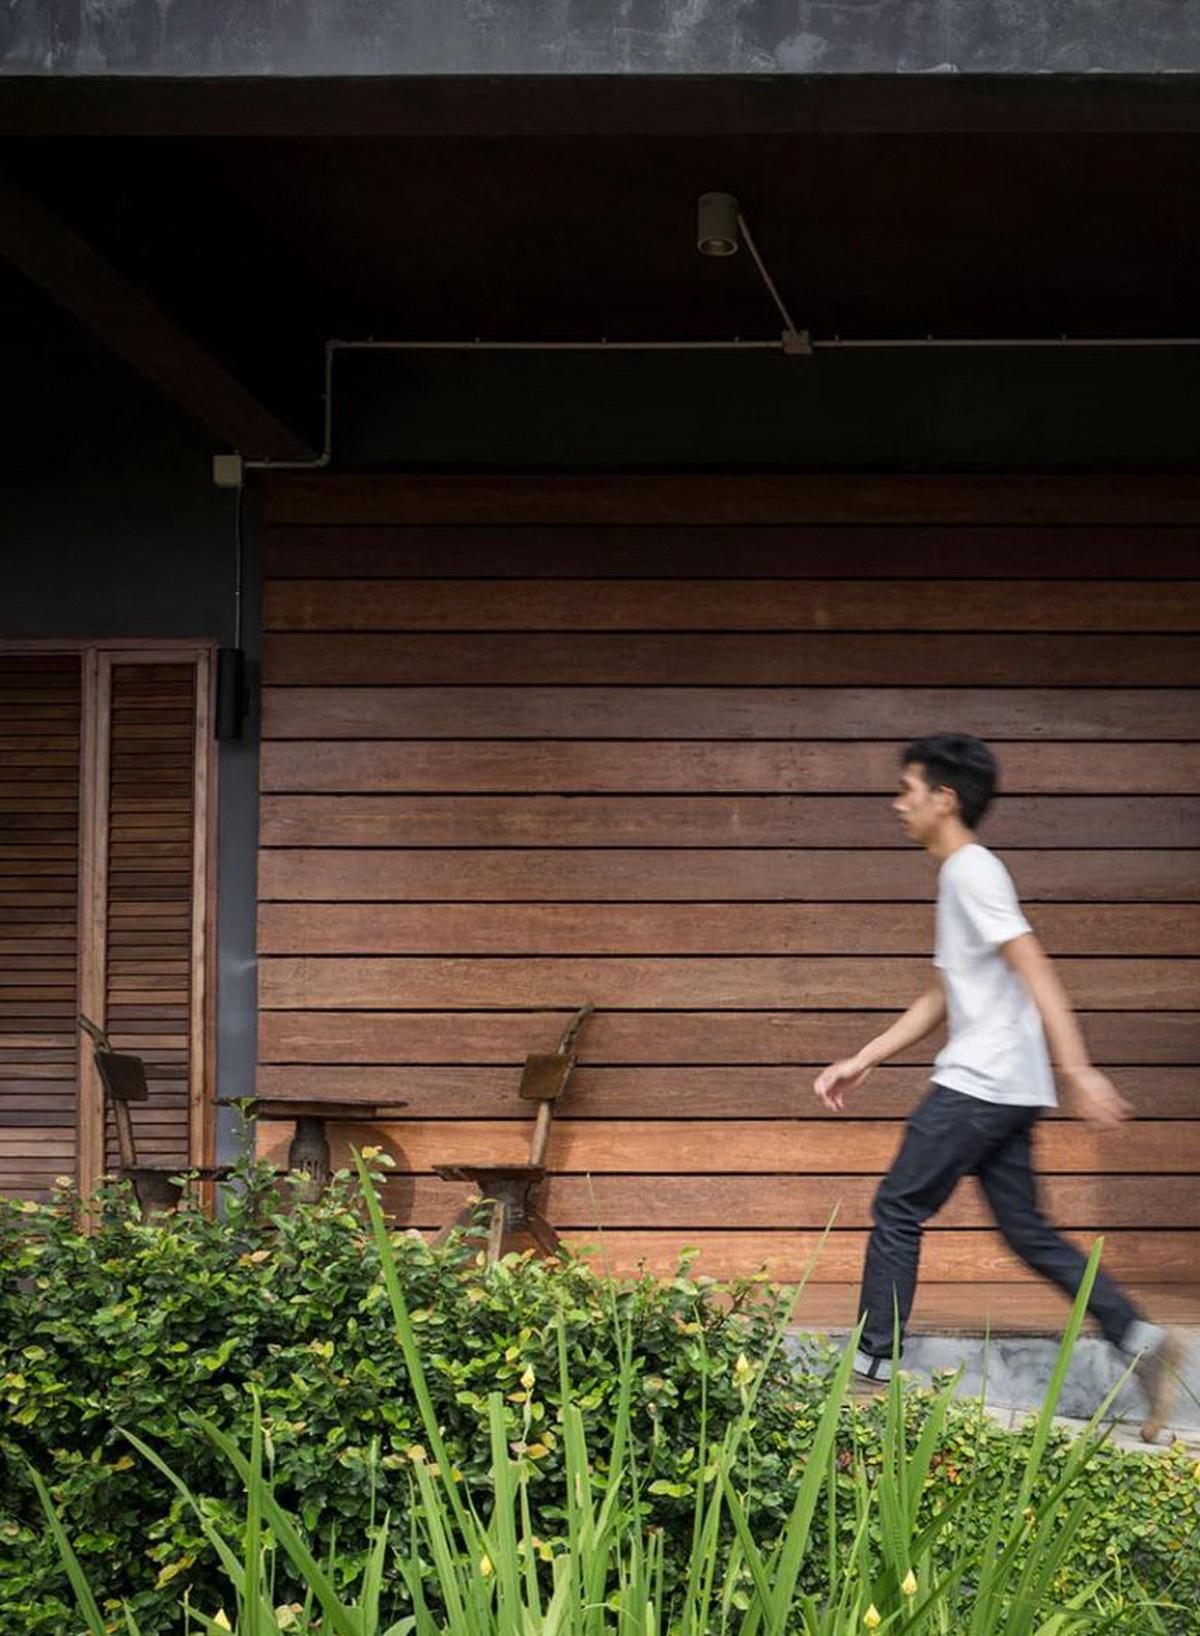 Tree Sukkasem Villa - Biệt thự xanh bền vững từ bê tông và tre | TOUCH architects